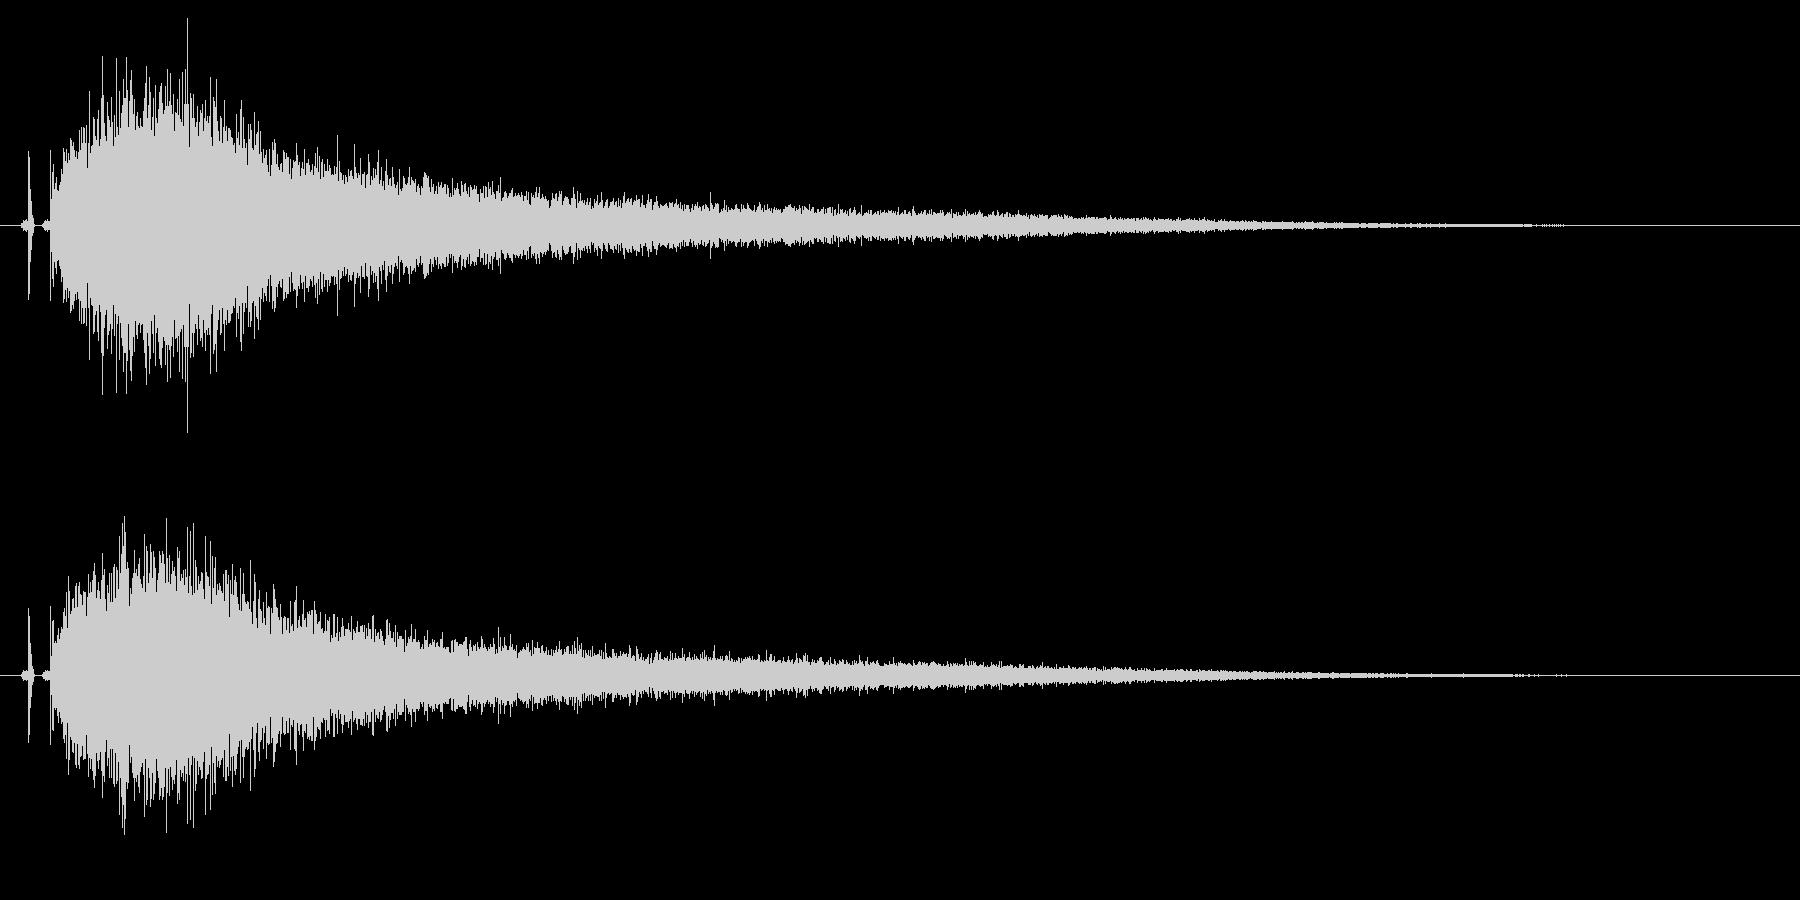 【チャイナシンバル2】中国風な演出に最適の未再生の波形